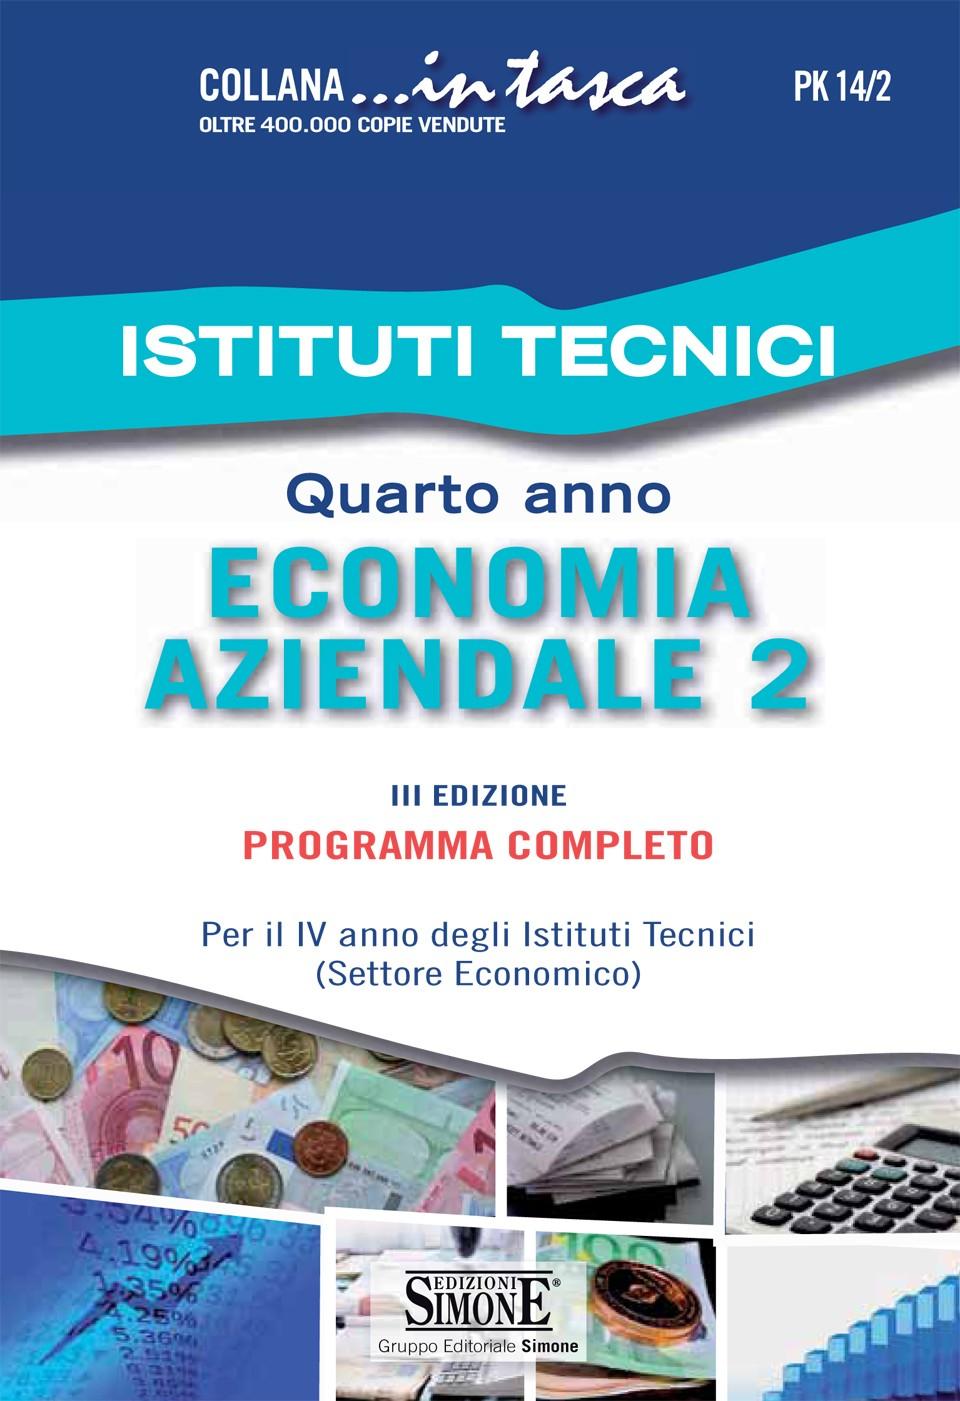 Istituti tecnici quarto anno economia aziendale 2 for Istituti tecnici